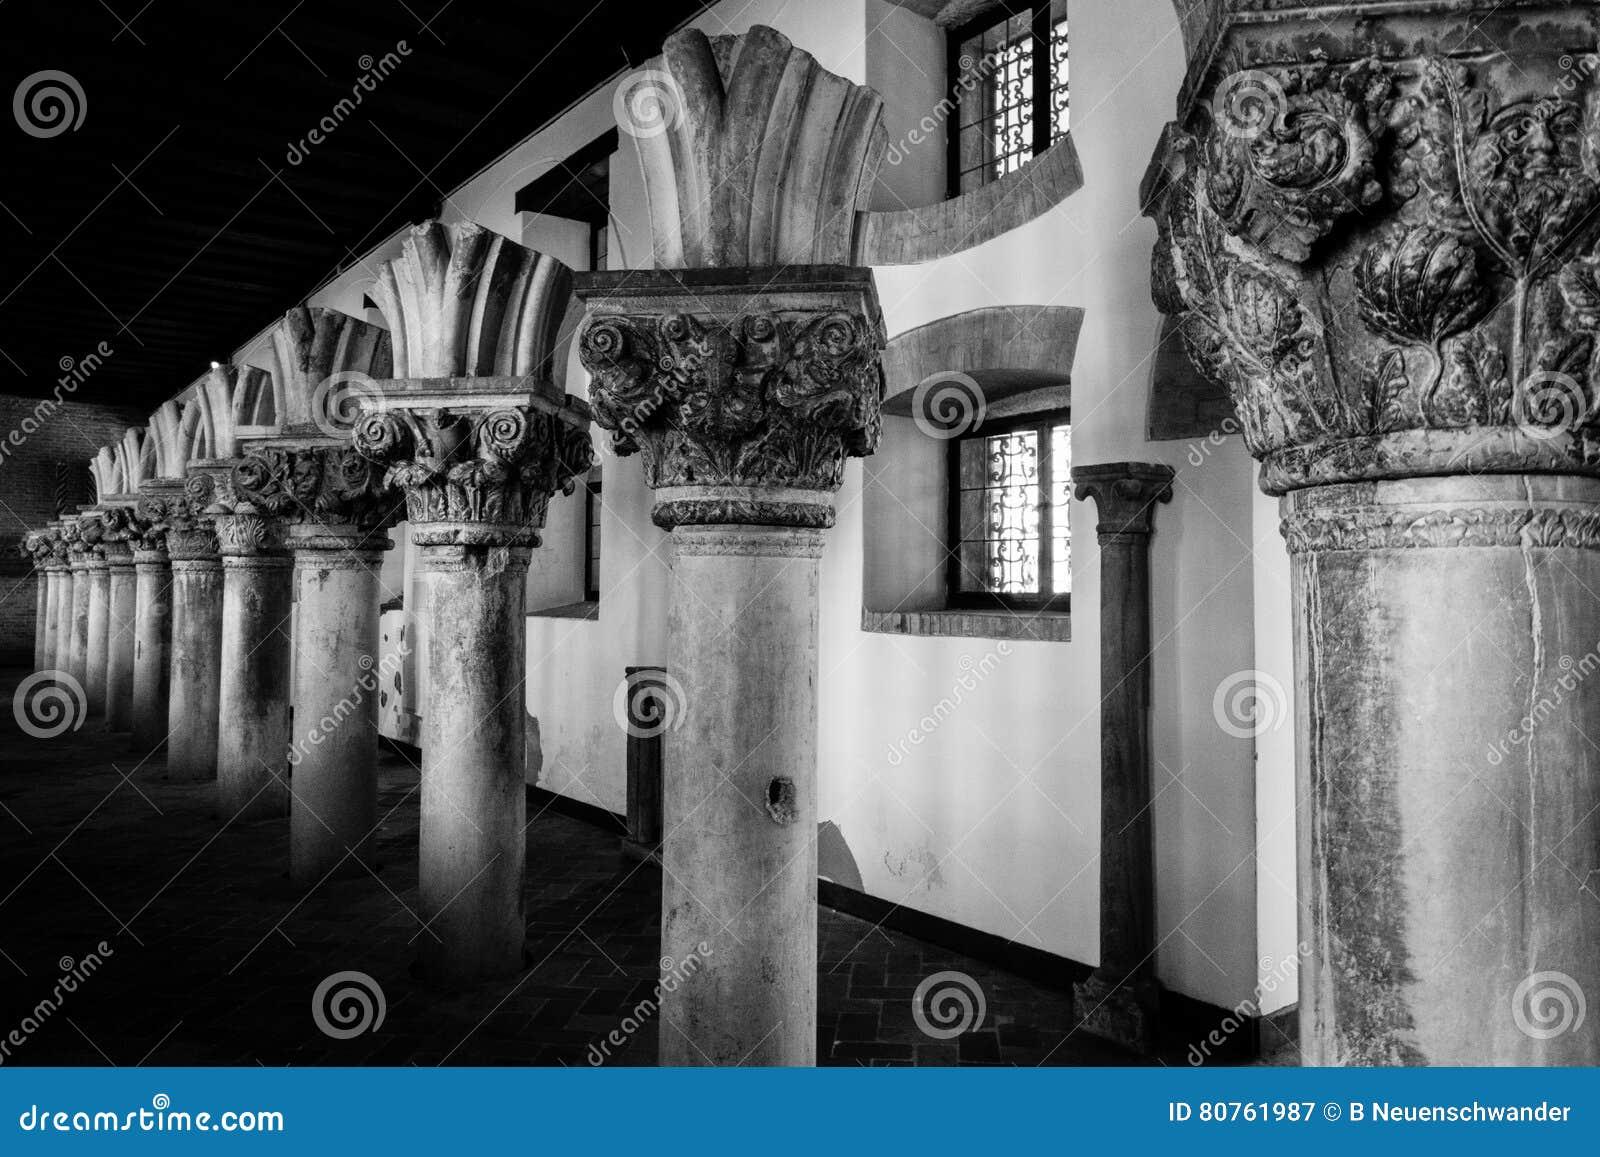 Serie de columnas quebradas en blanco y negro